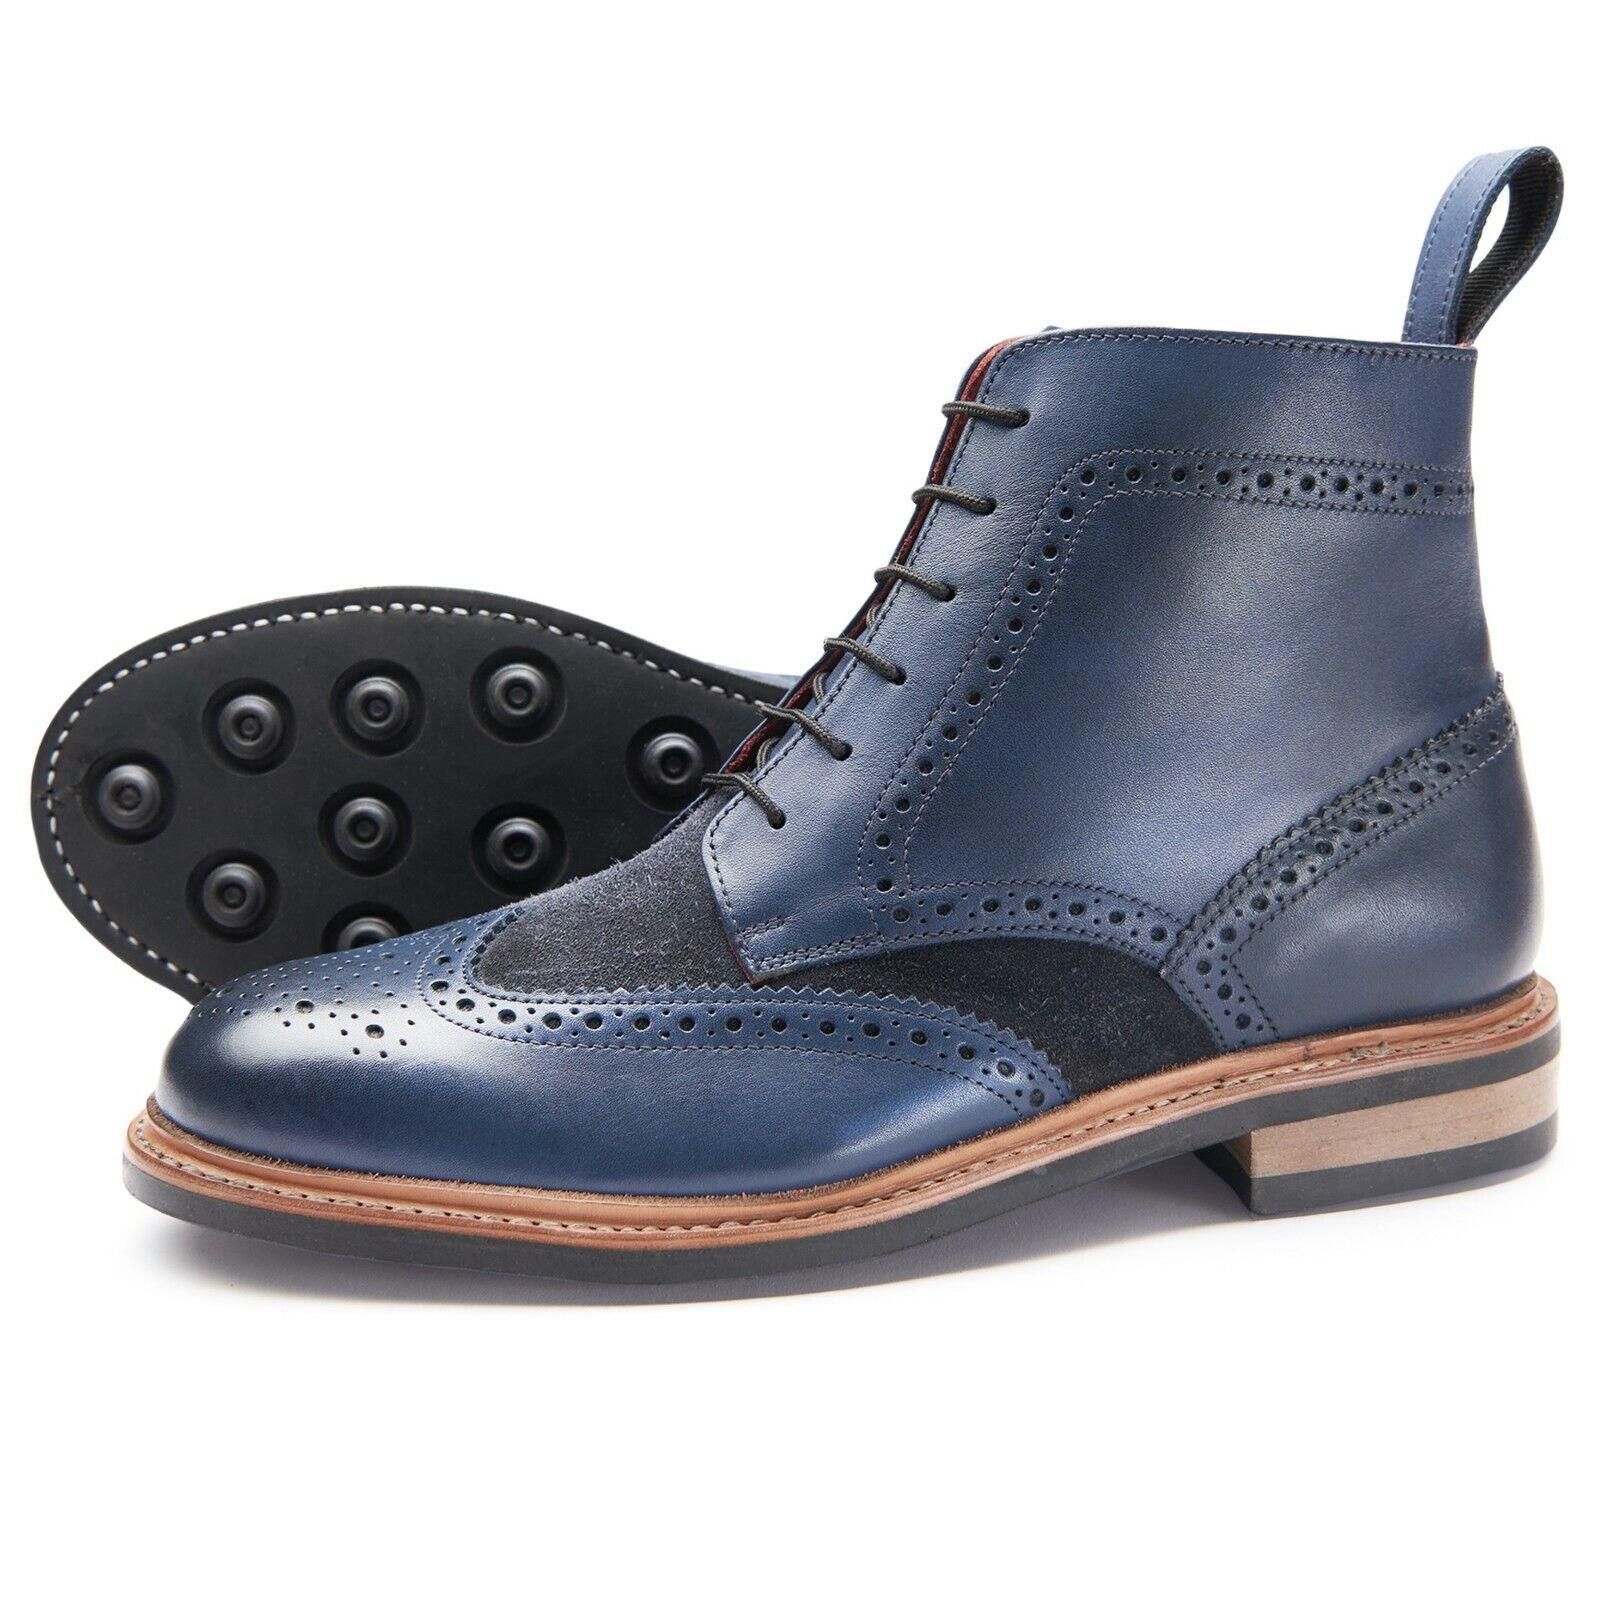 Samuel Windsor, botas masculinas, prestigio naval, cinturones de cuero rurales, talla inglesa 5 - 14.